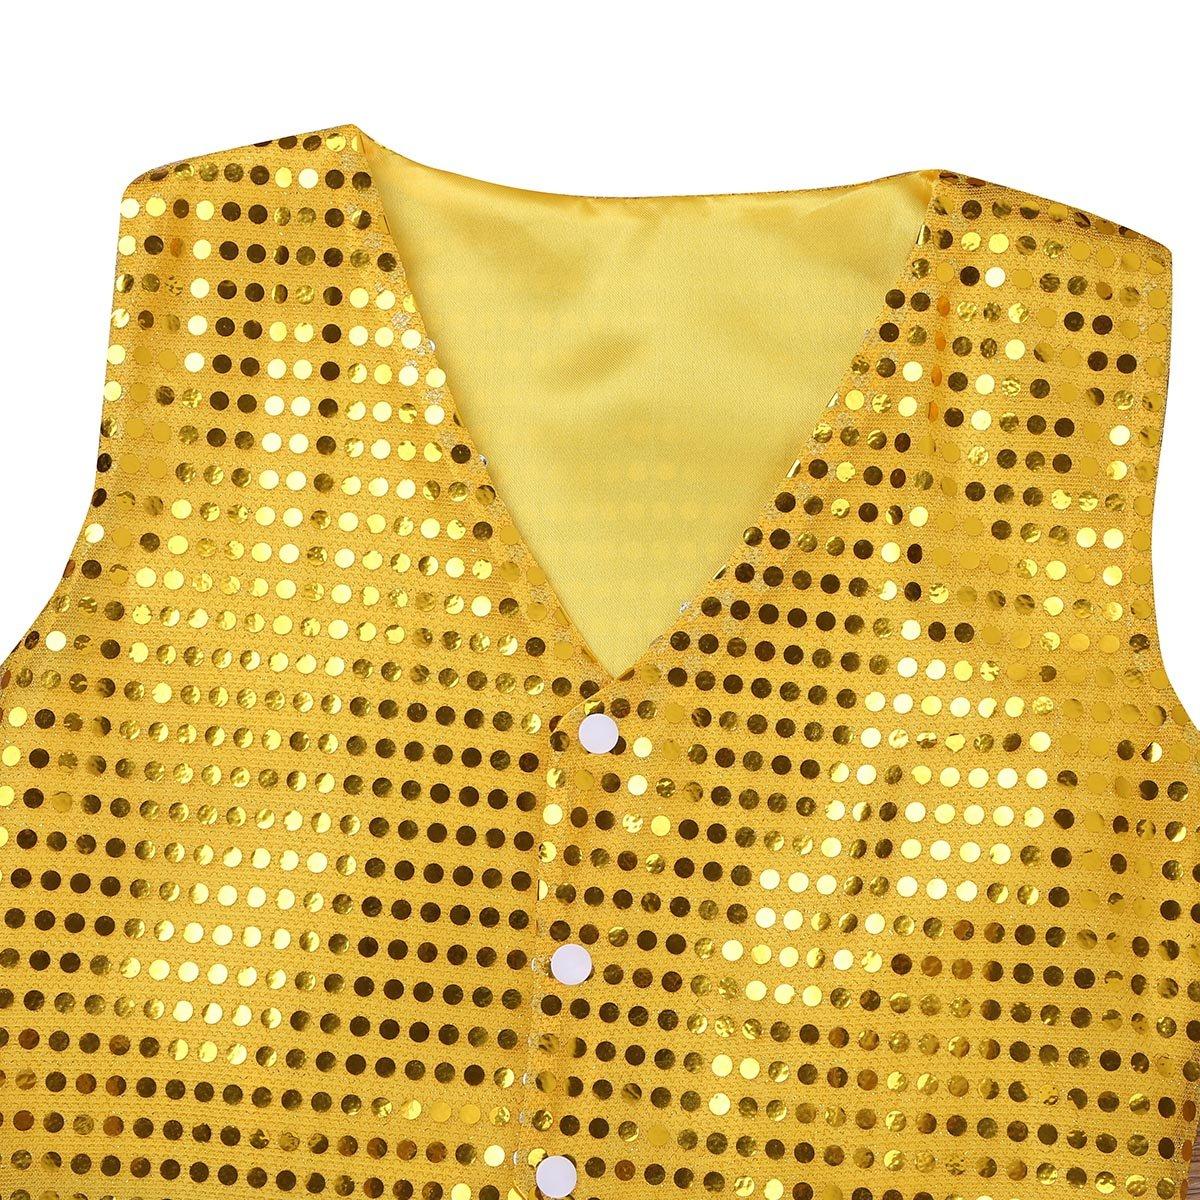 iixpin Chaleco Lentejuelas Brillantes en Escena para Ni/ños Ni/ñas Traje de Hip Hop Danza Callejero Traje de Calle Baile Jazz Cool Moderno Disfraces de Actuaci/ón Fiesta Ceremonia